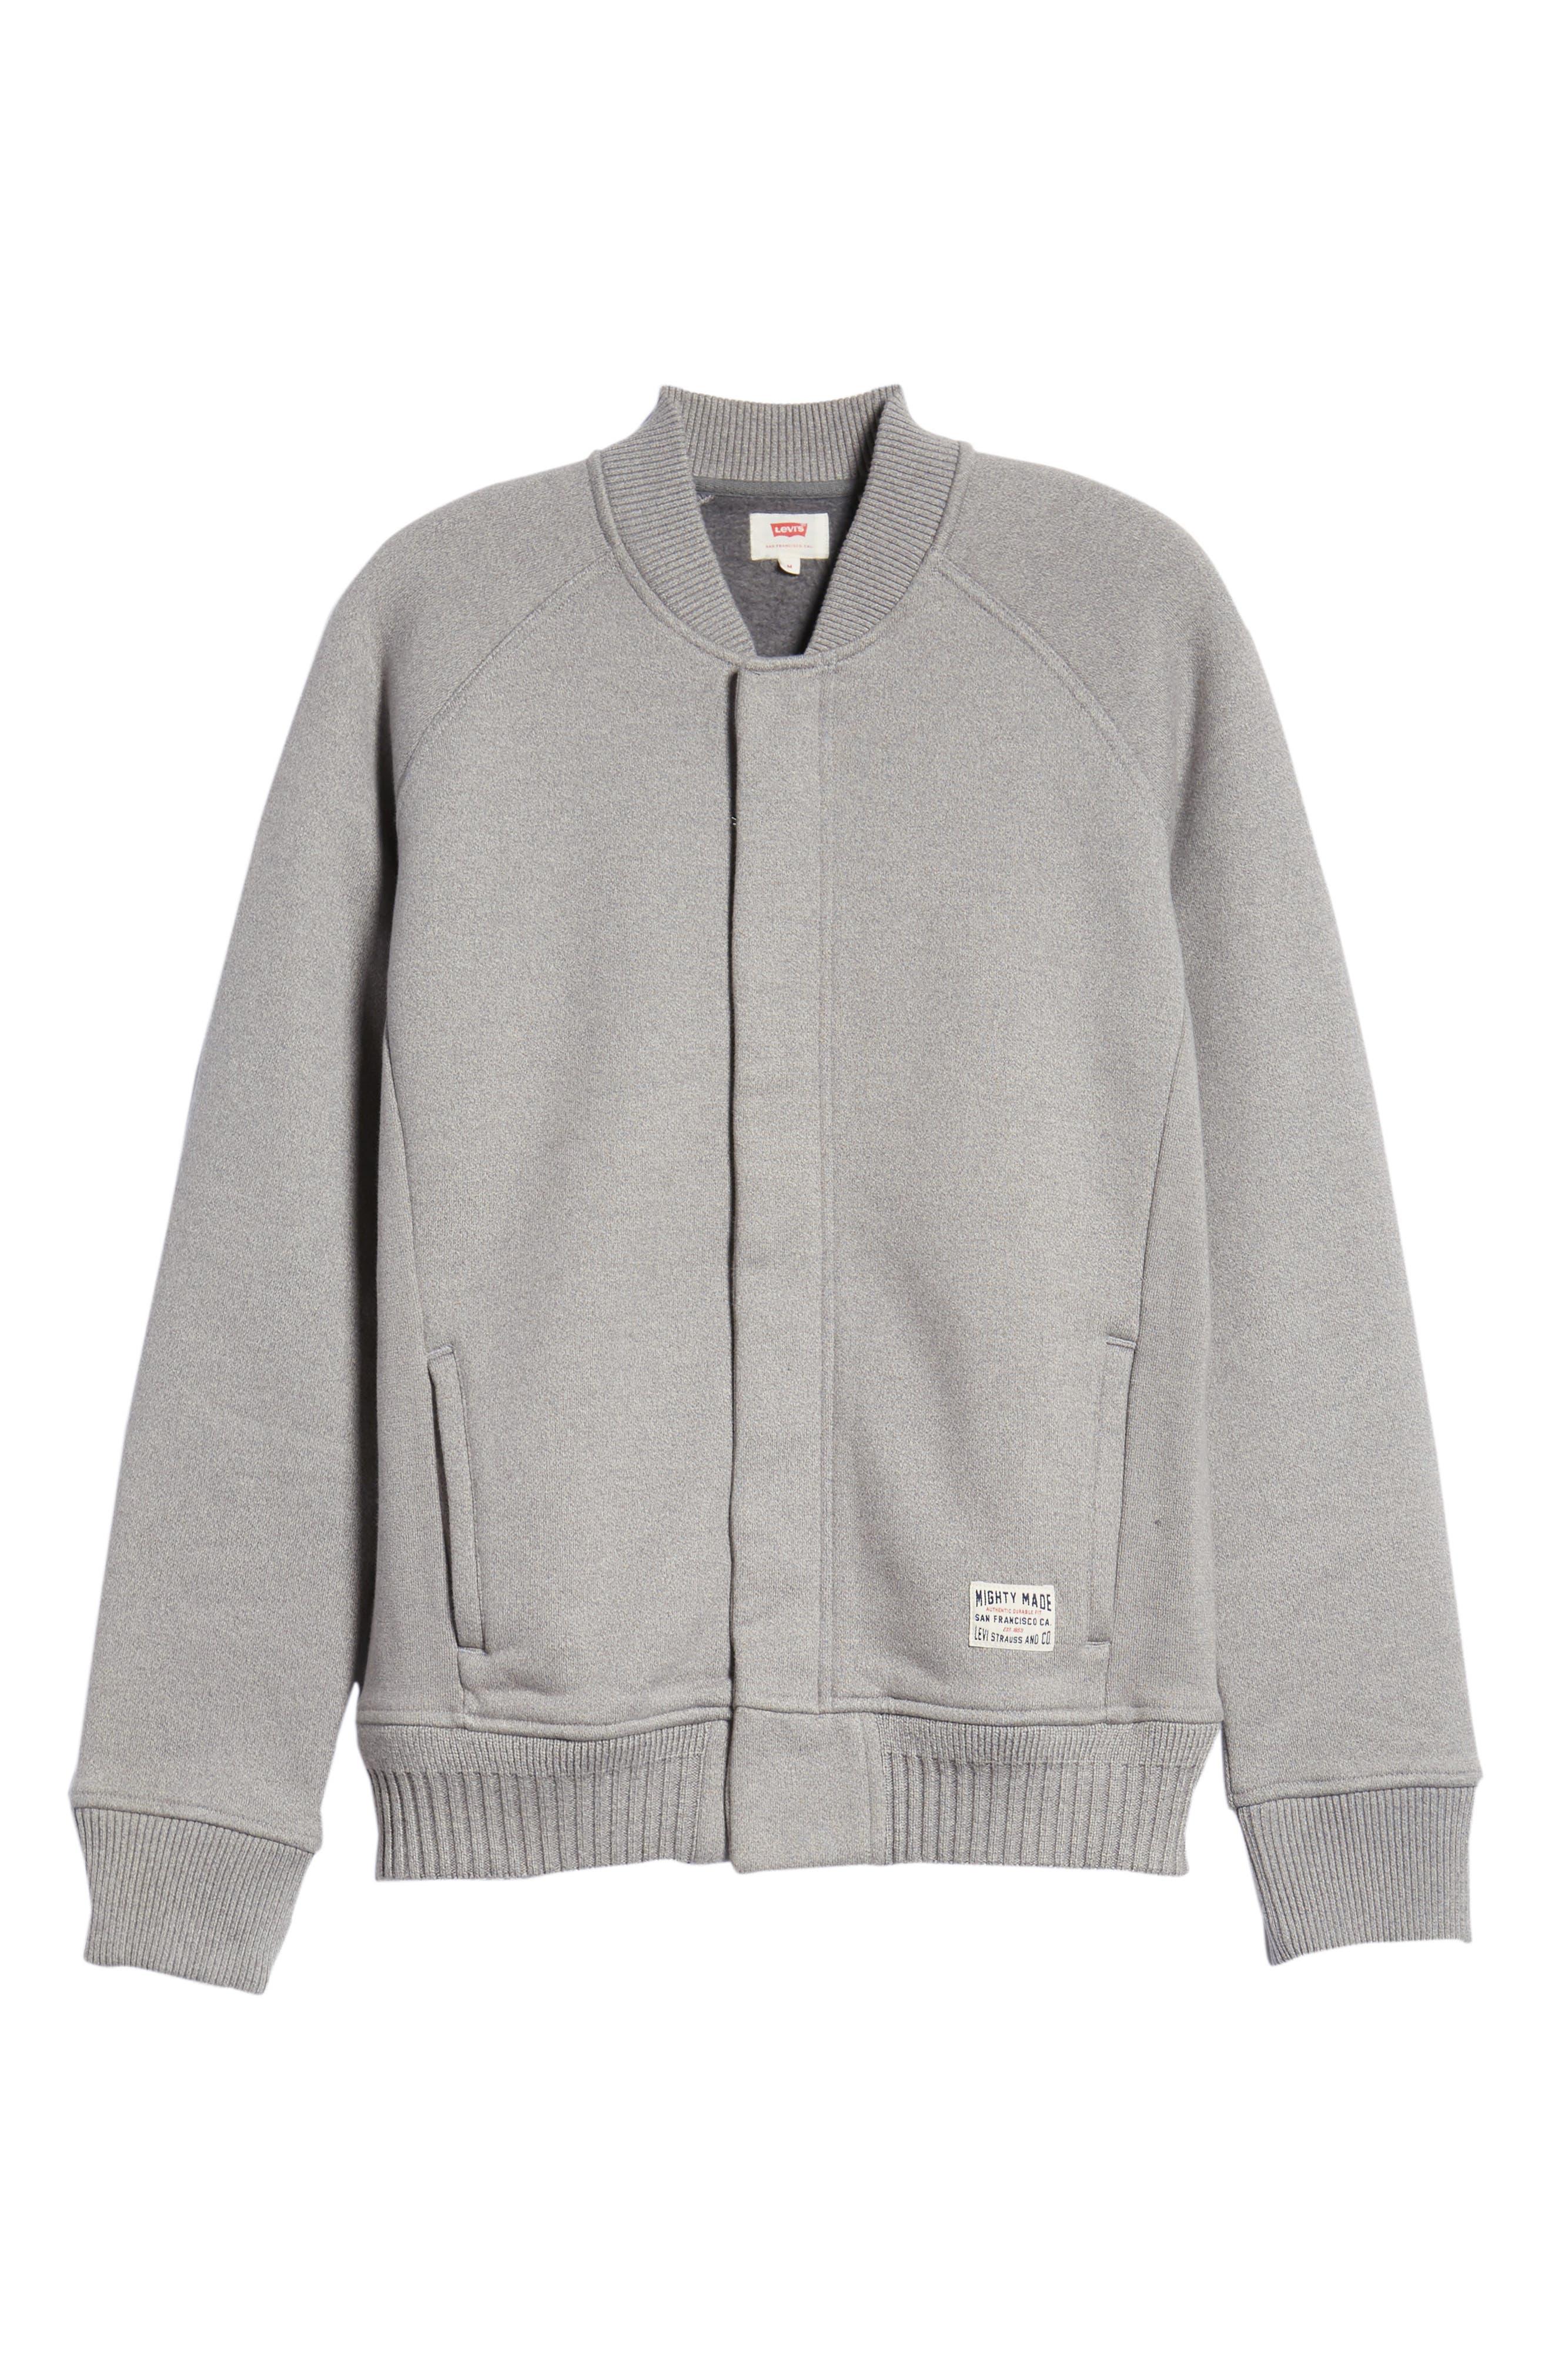 Levi's Knit Bomber Jacket,                             Alternate thumbnail 6, color,                             020